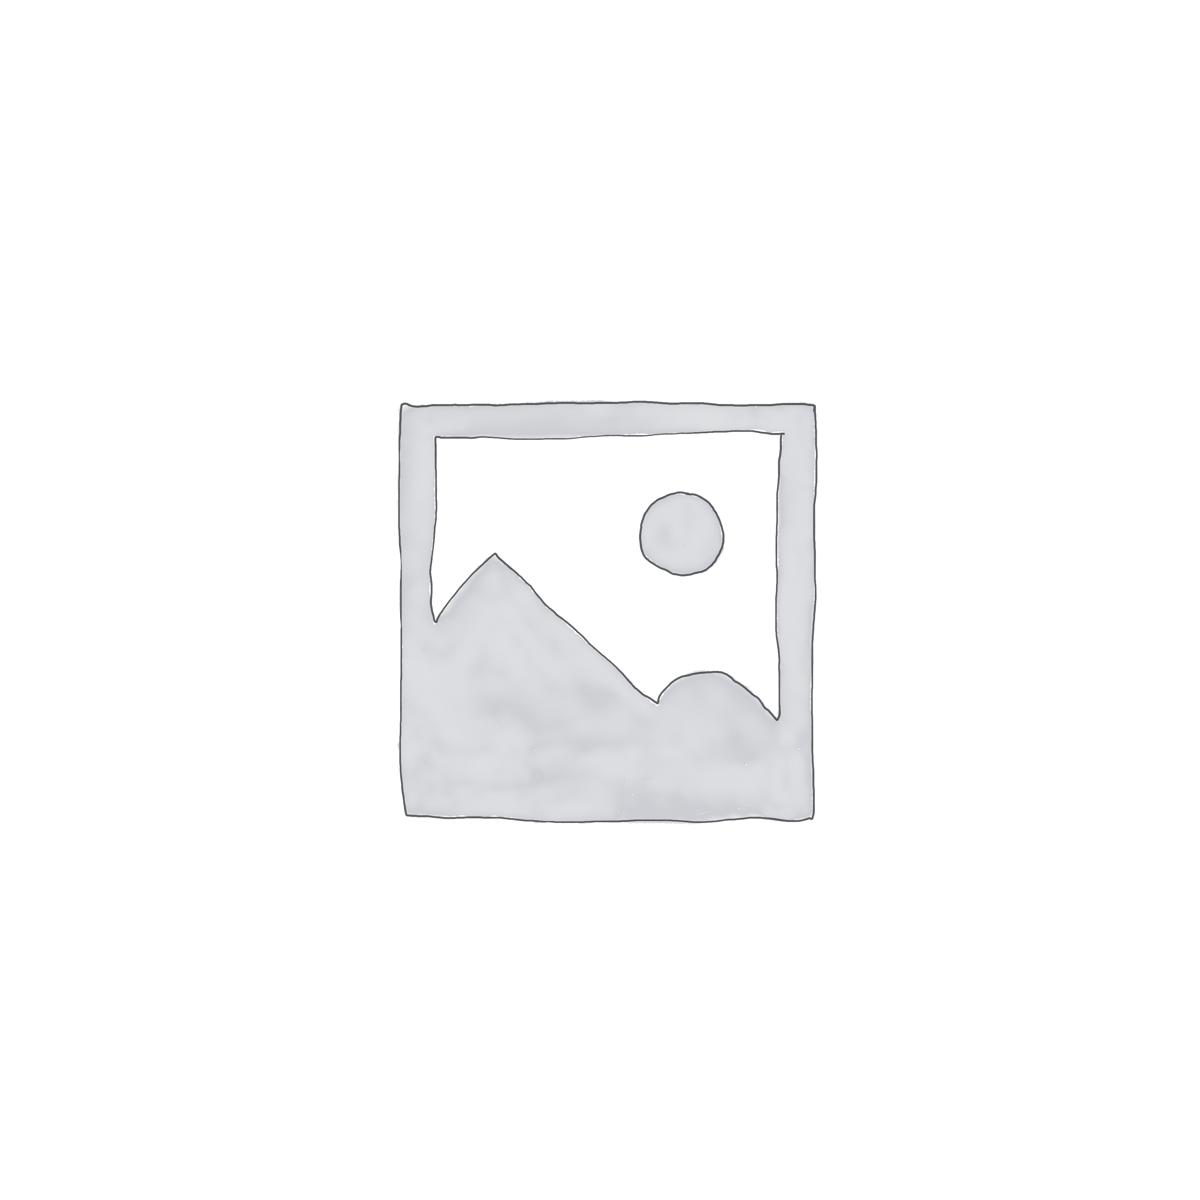 Alat Pelindung Diri / APD